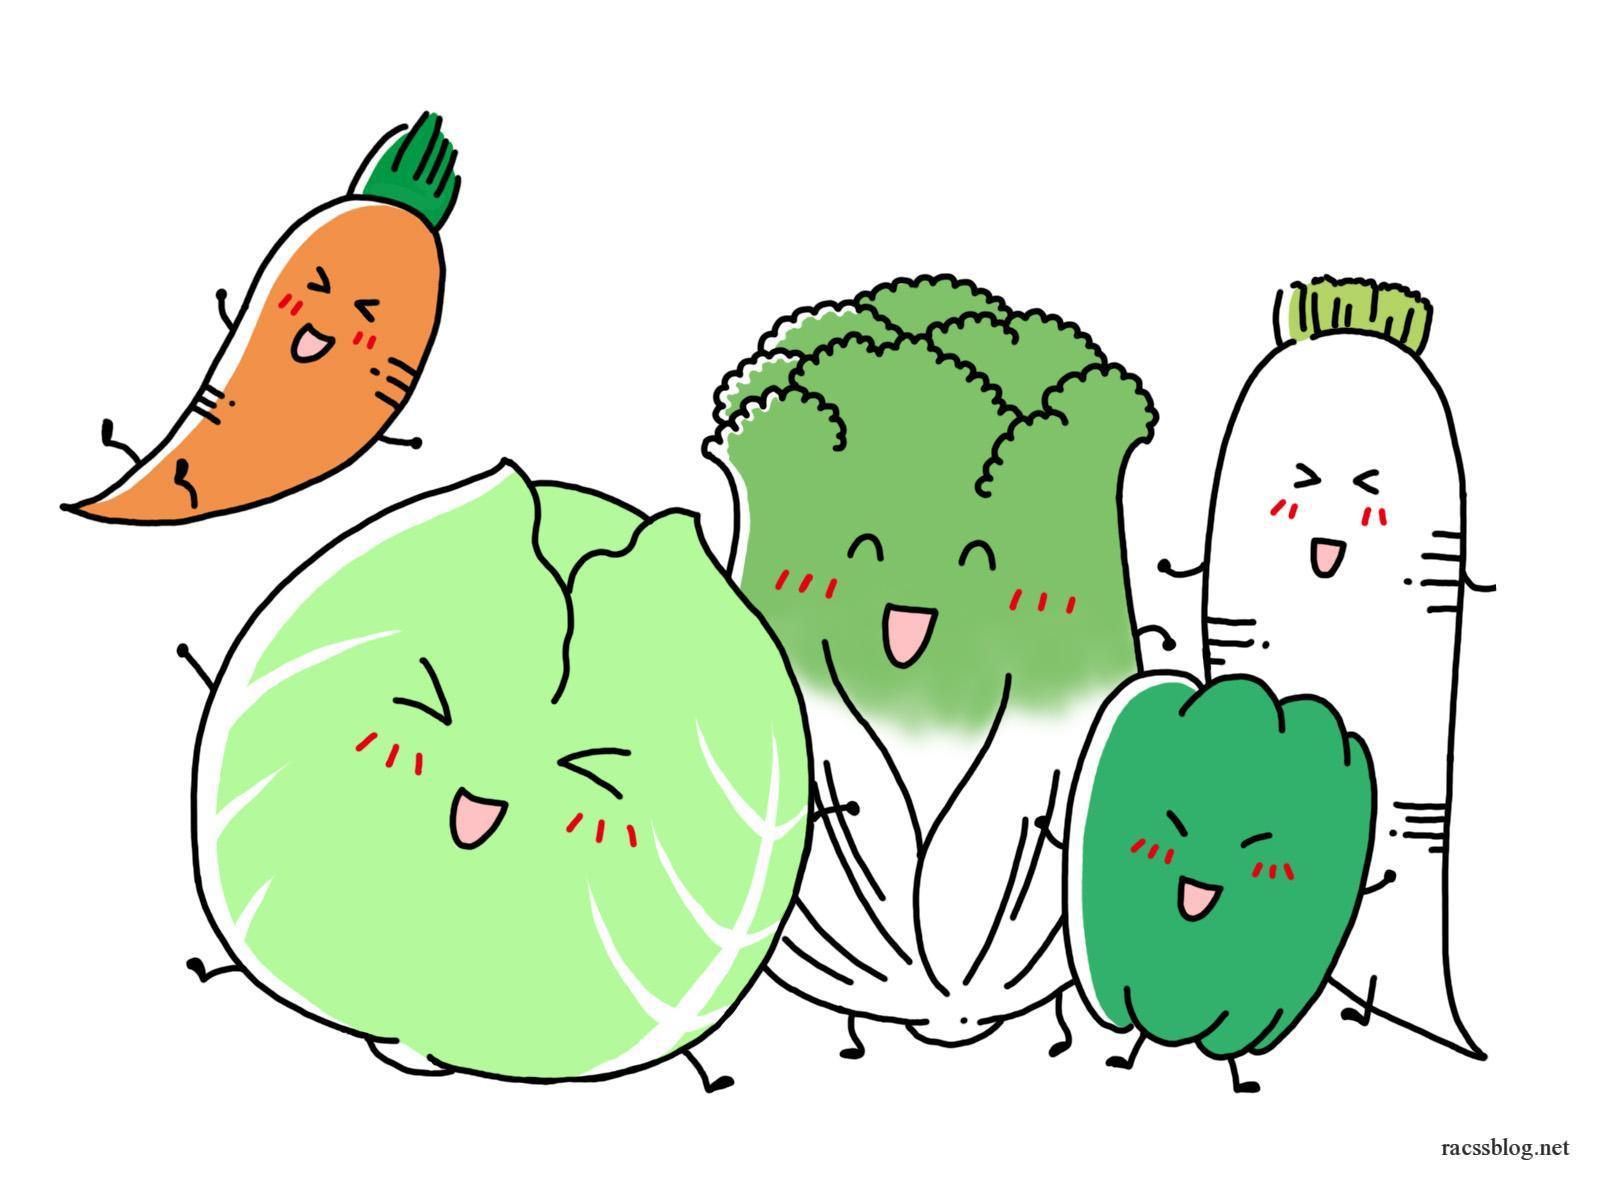 「野菜スペシャリスト」は独学できない!けれど主婦の自信とスキルアップに役立つ資格